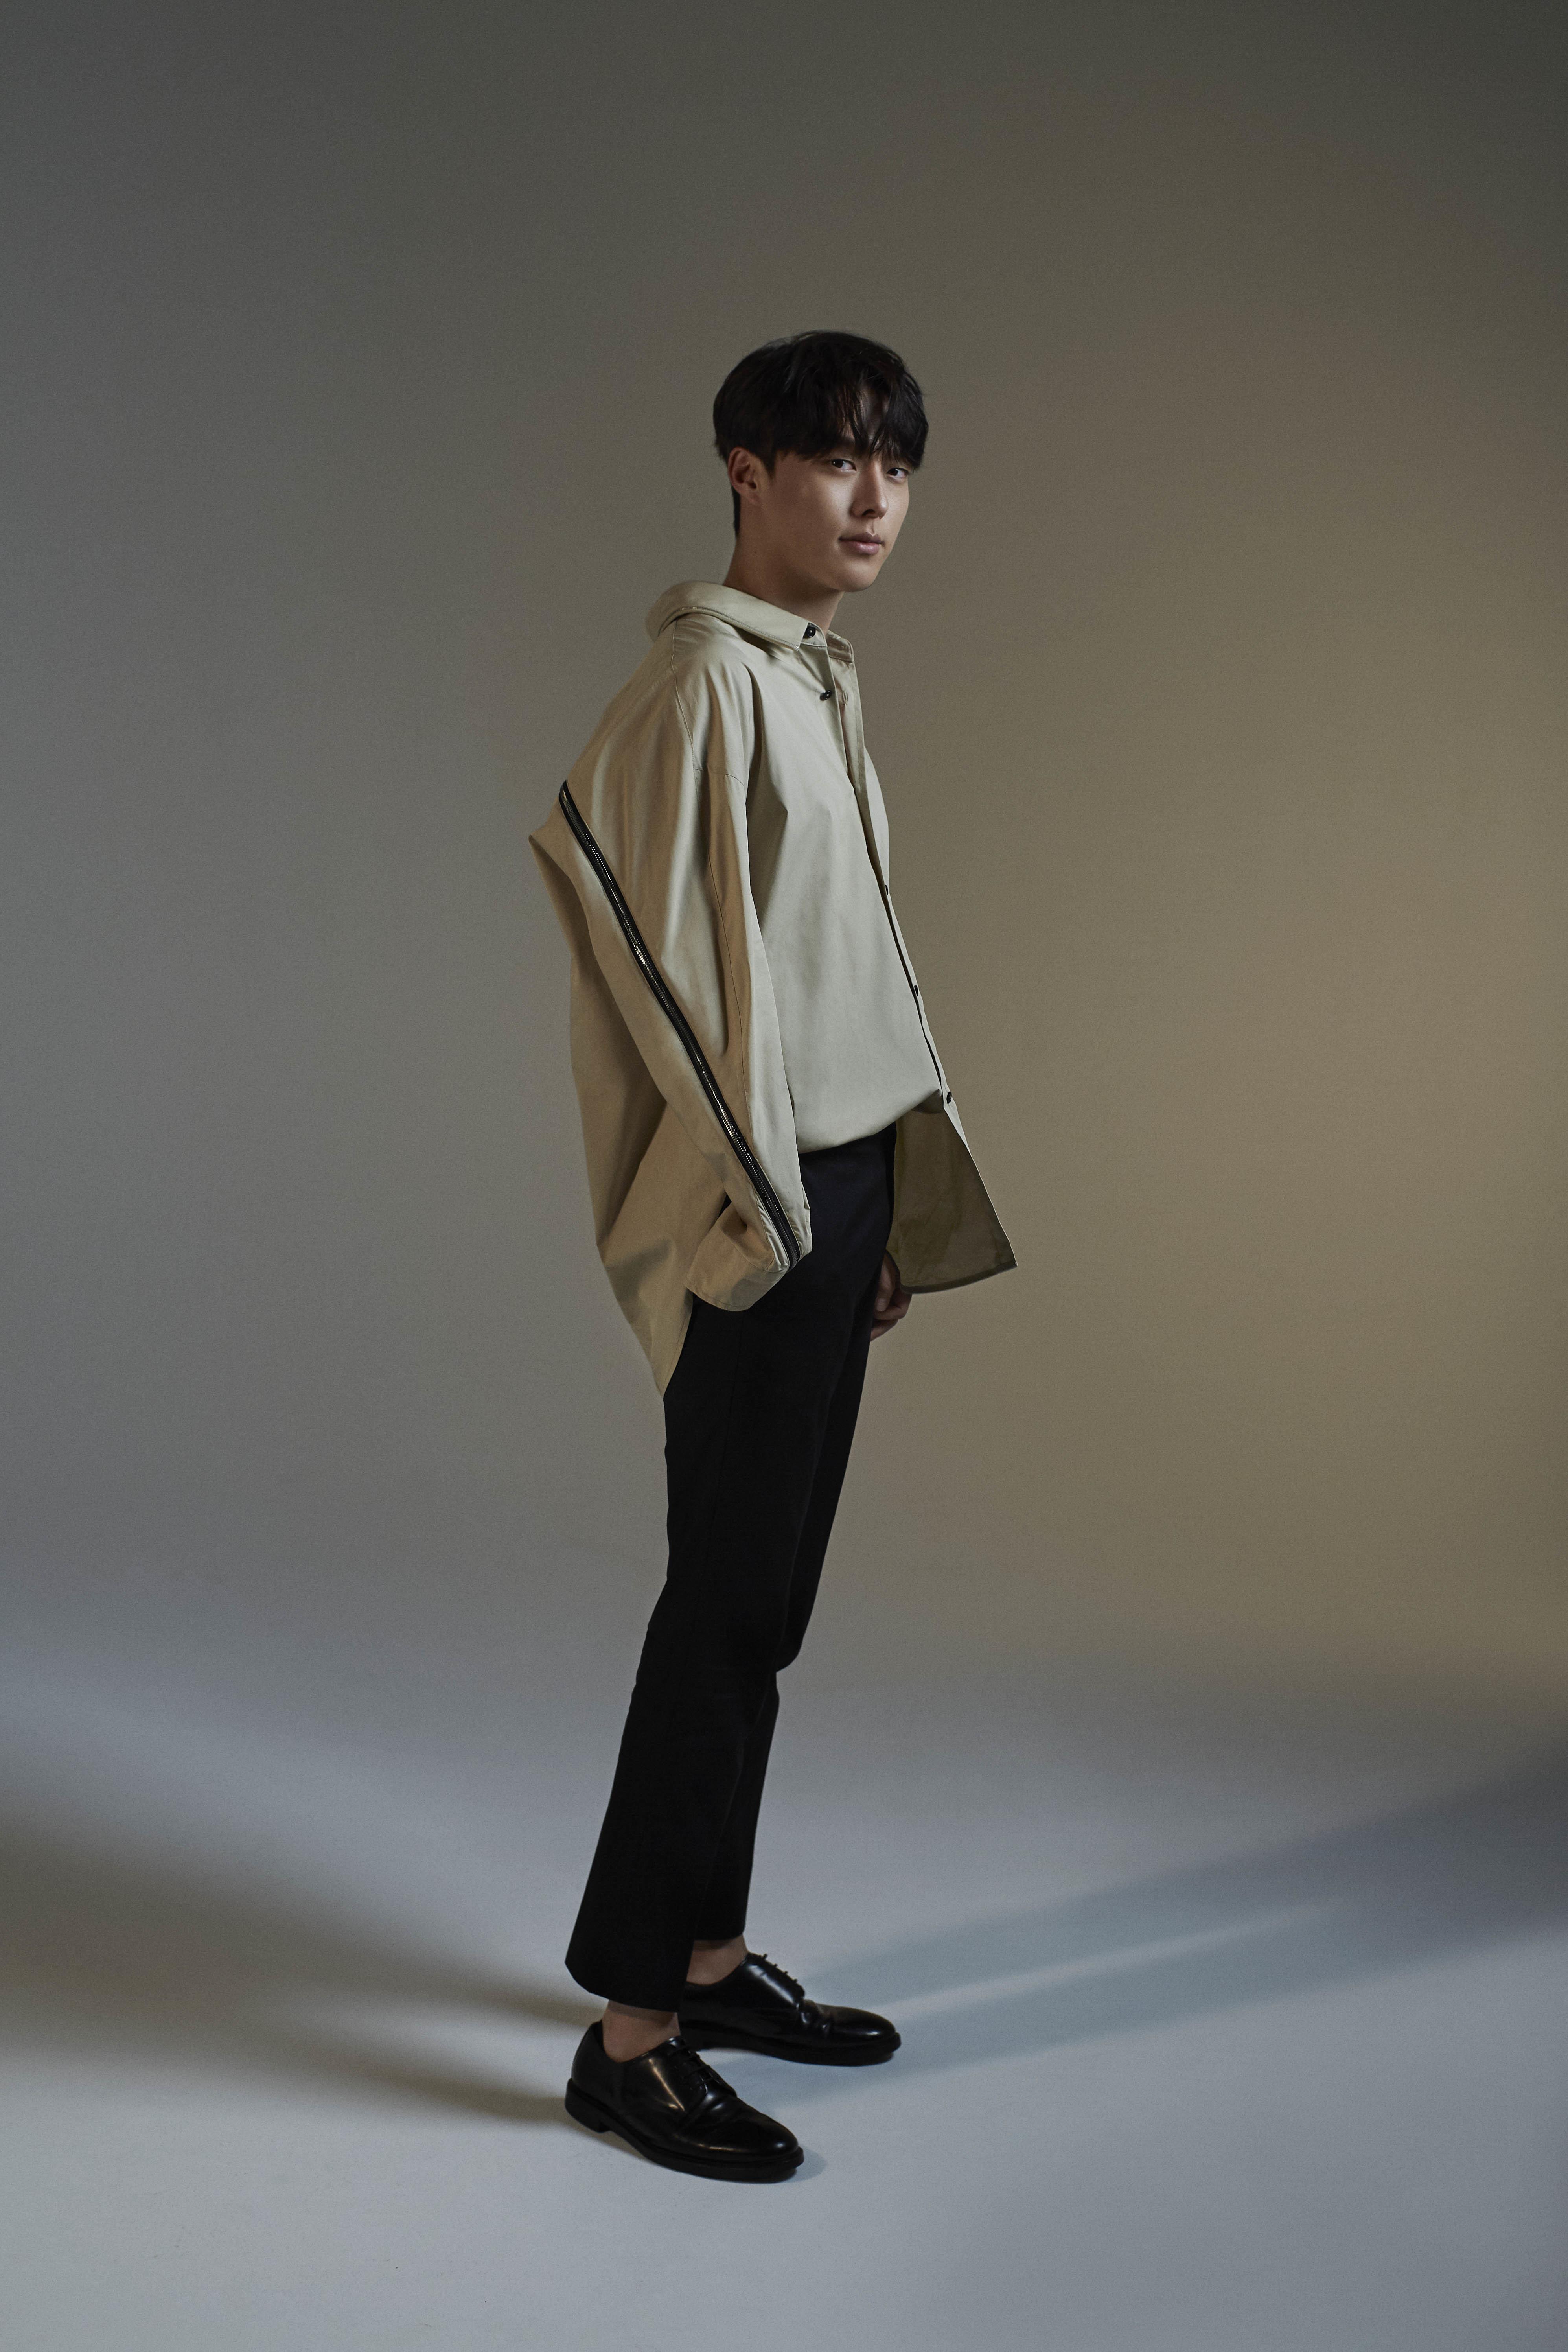 チャン・ギヨン  今、韓国で最も期待されている俳優にインタビュー!【取材こぼれネタ】_1_1